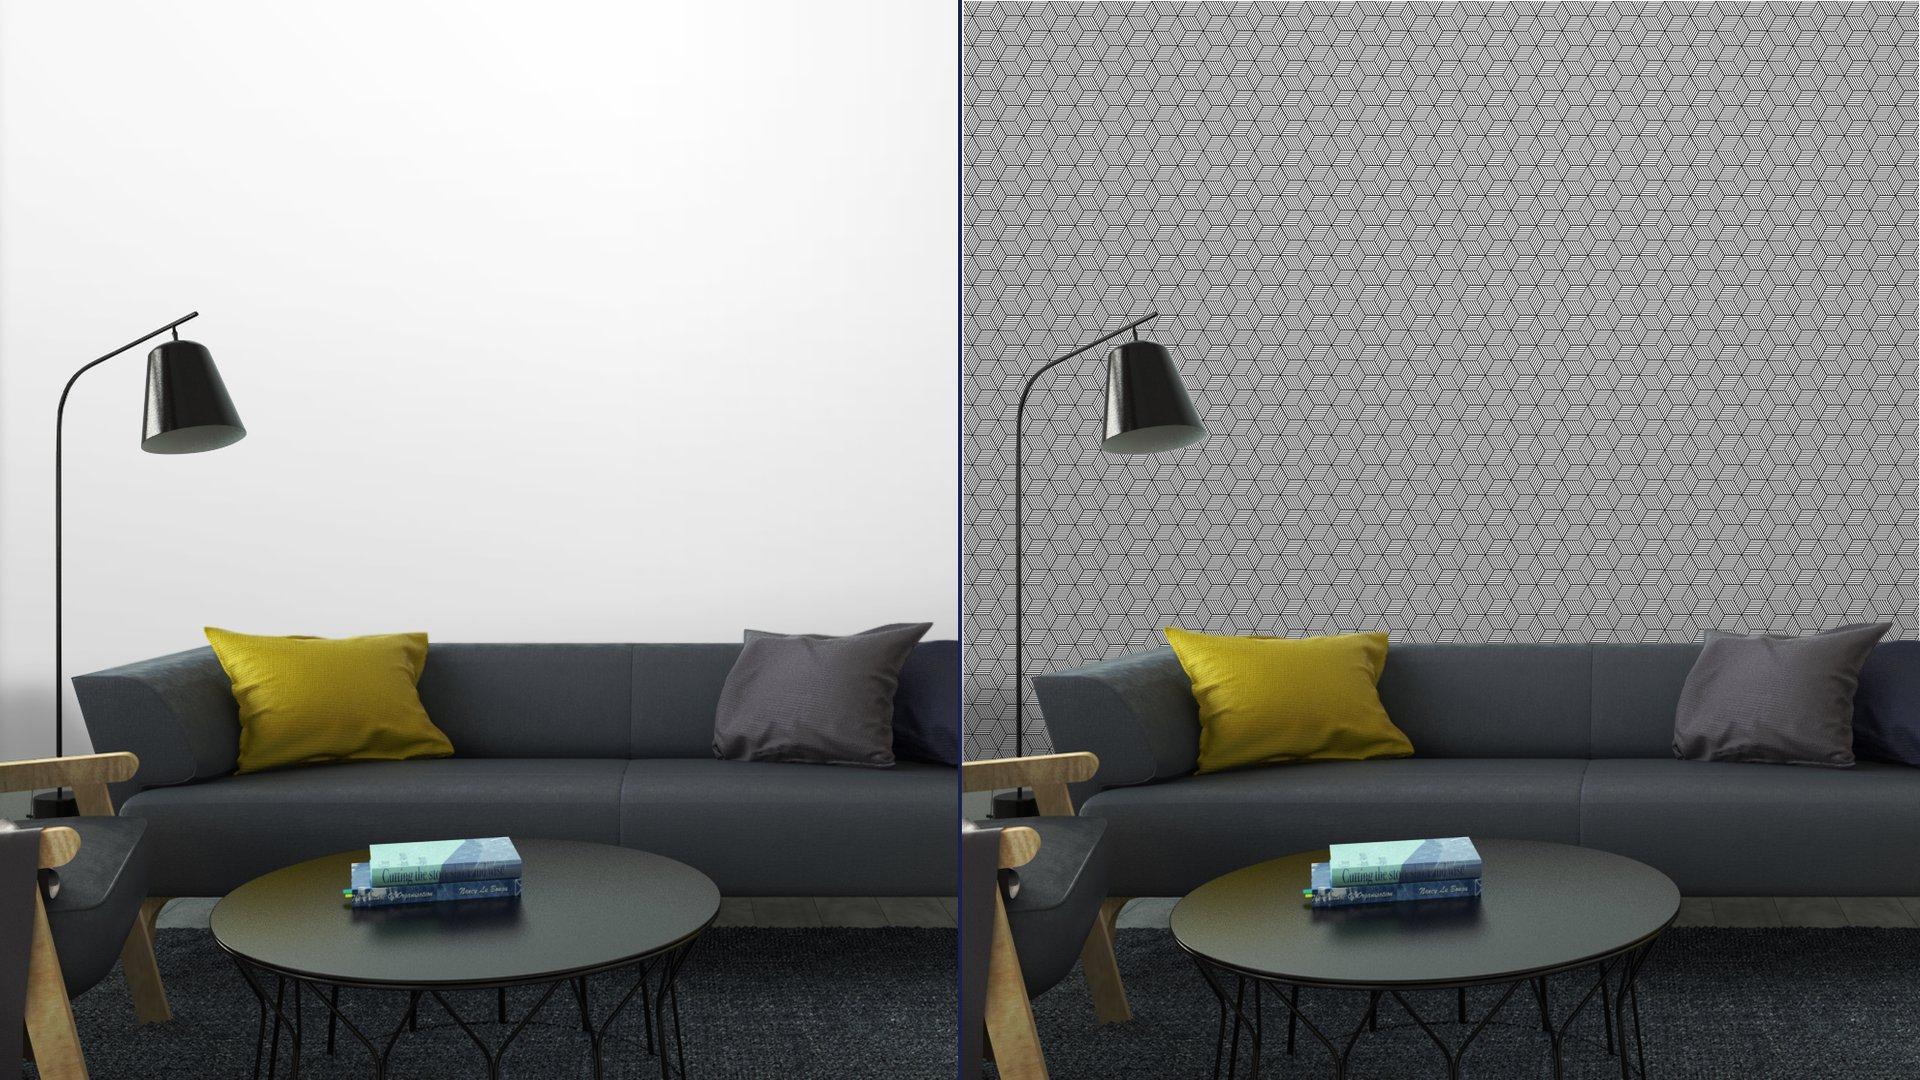 Fotomurales mexico papeles pintados lavables patron geometrico transparente con cubos 4 - Papel Tapiz Patrón de Cubos 3D 02